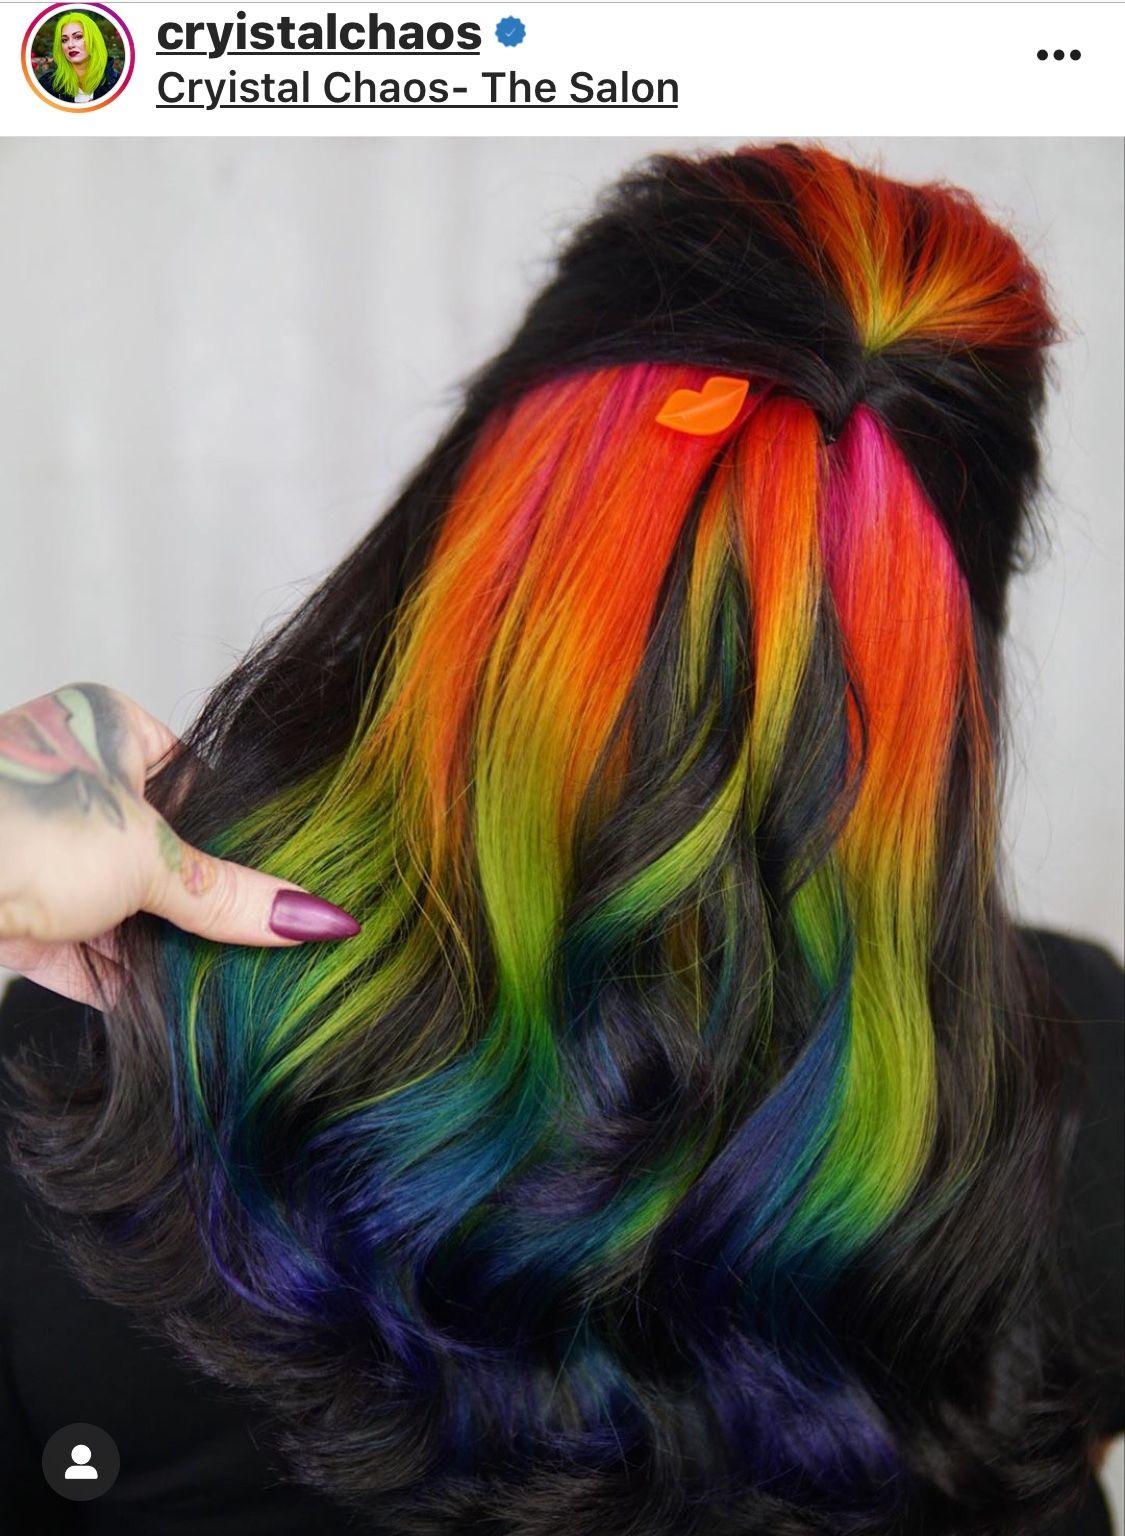 Pin by Orianna Greve on Vivid hair colour in 2020 Hair